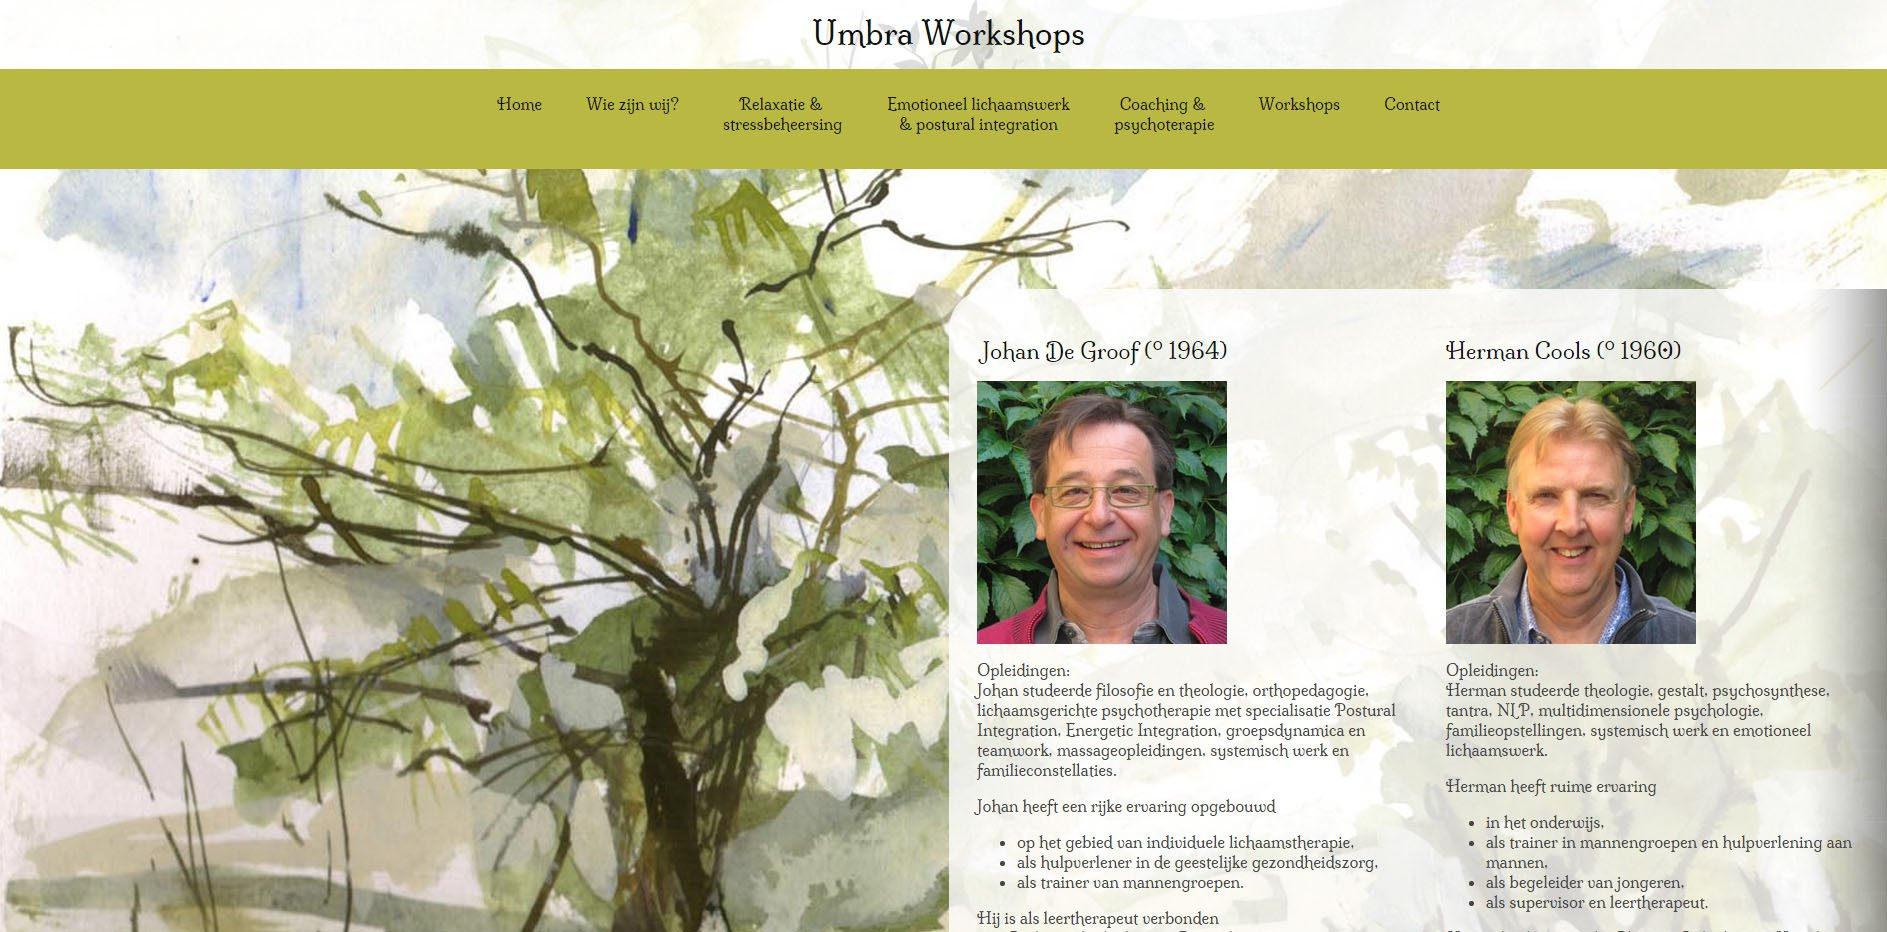 Umbra Workshops